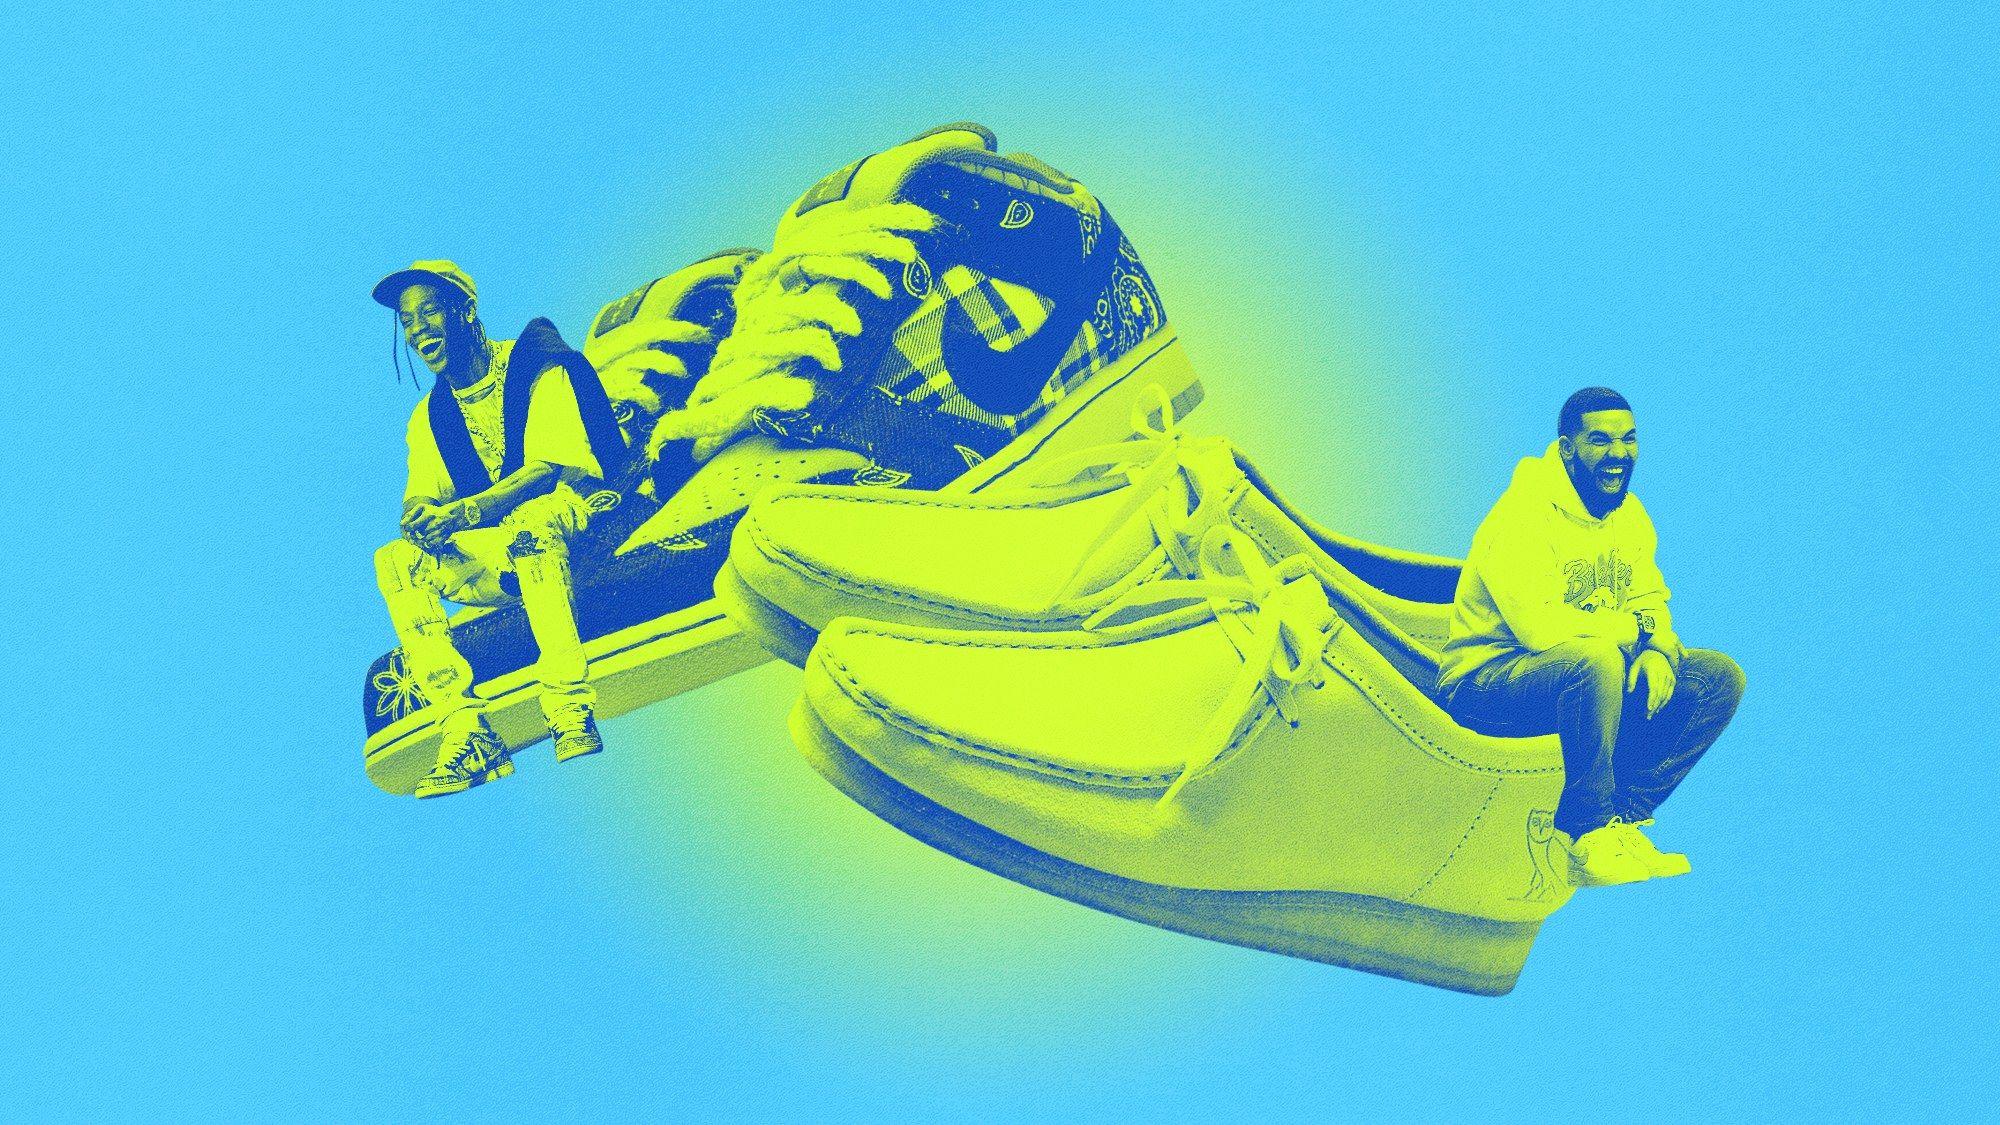 Travis scott shoes